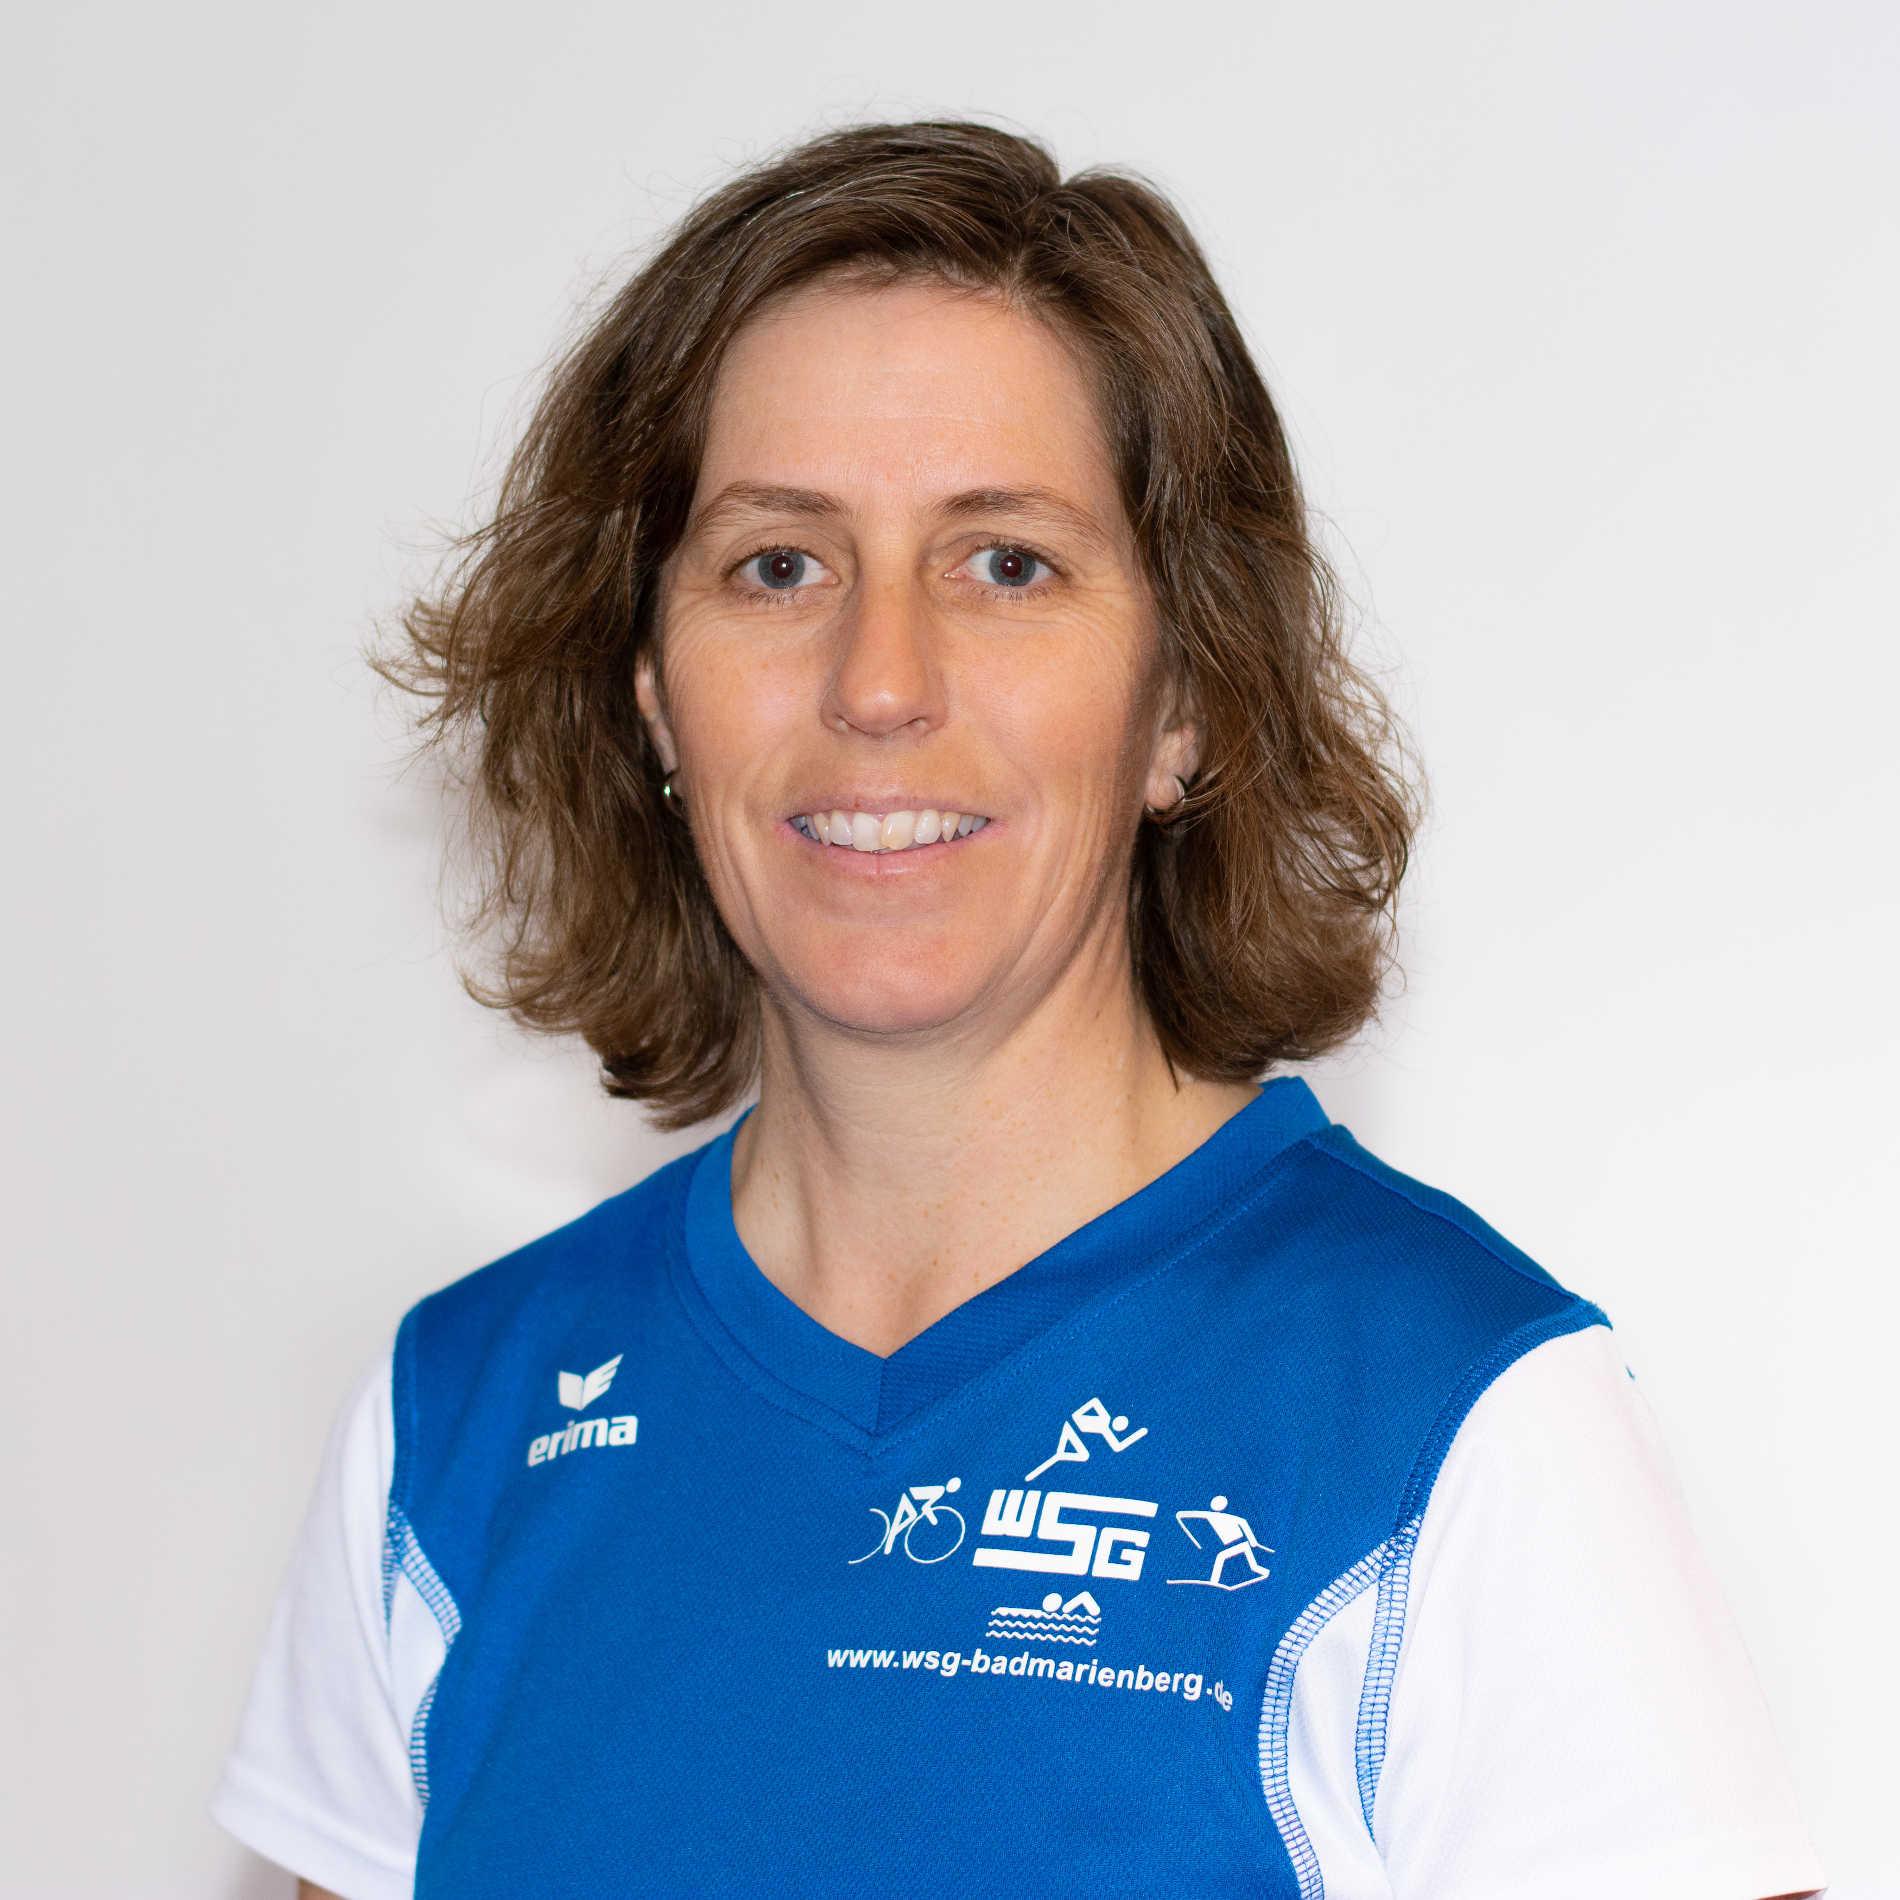 Katja Kranz Noll 1. Vorsitzende, Skilanglauf